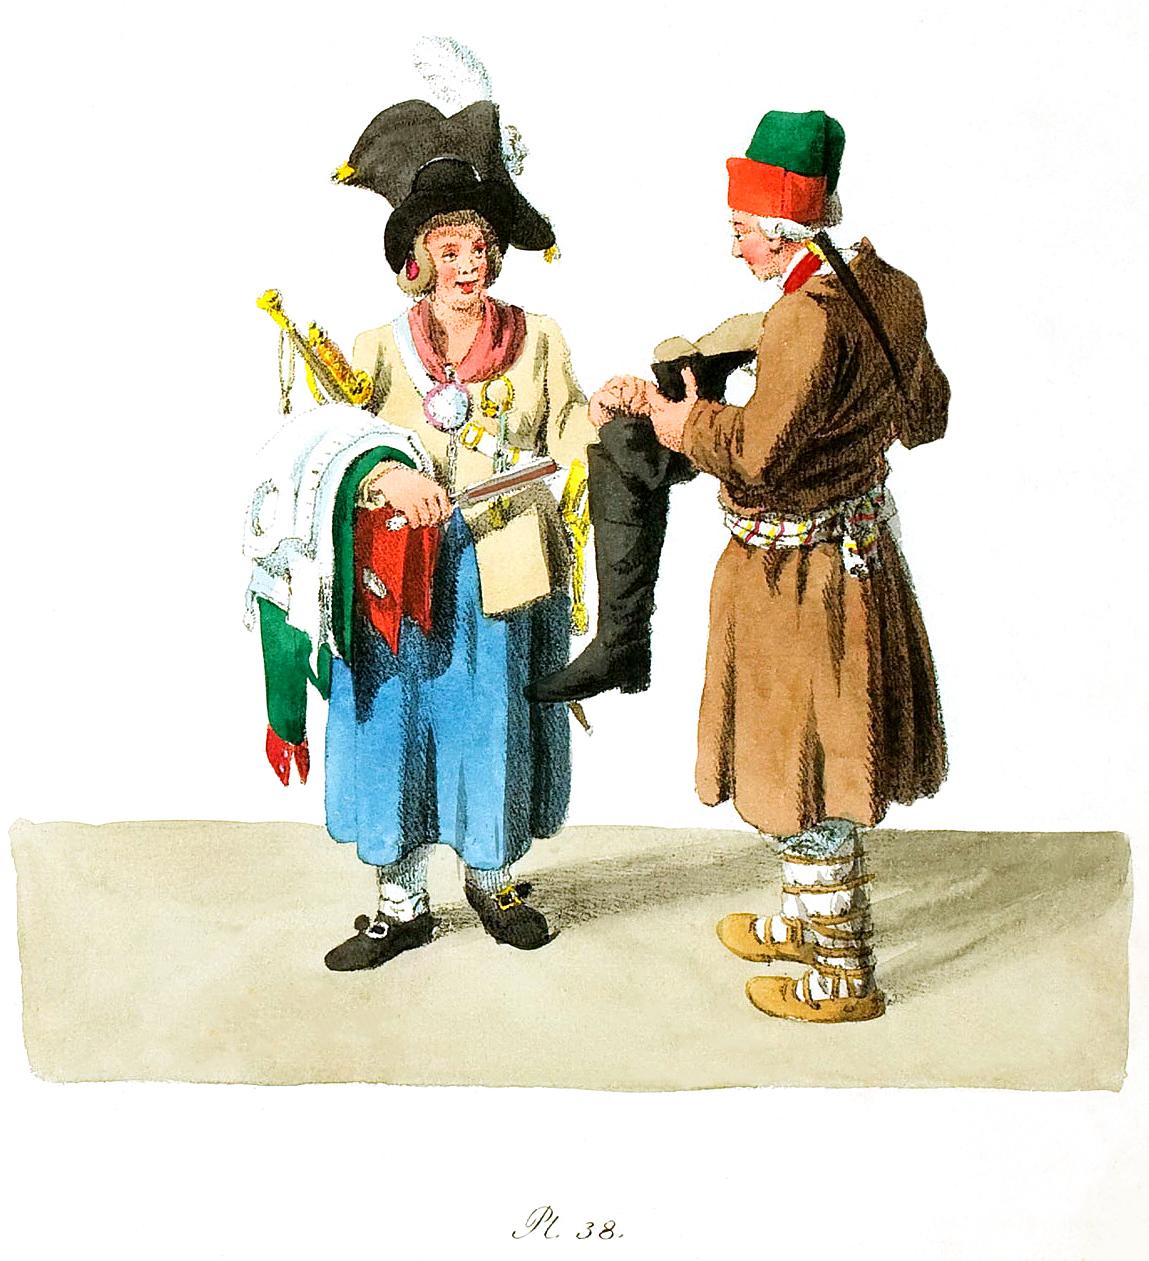 38. Trödelweibs und eines Soldaten / Торговец и солдат